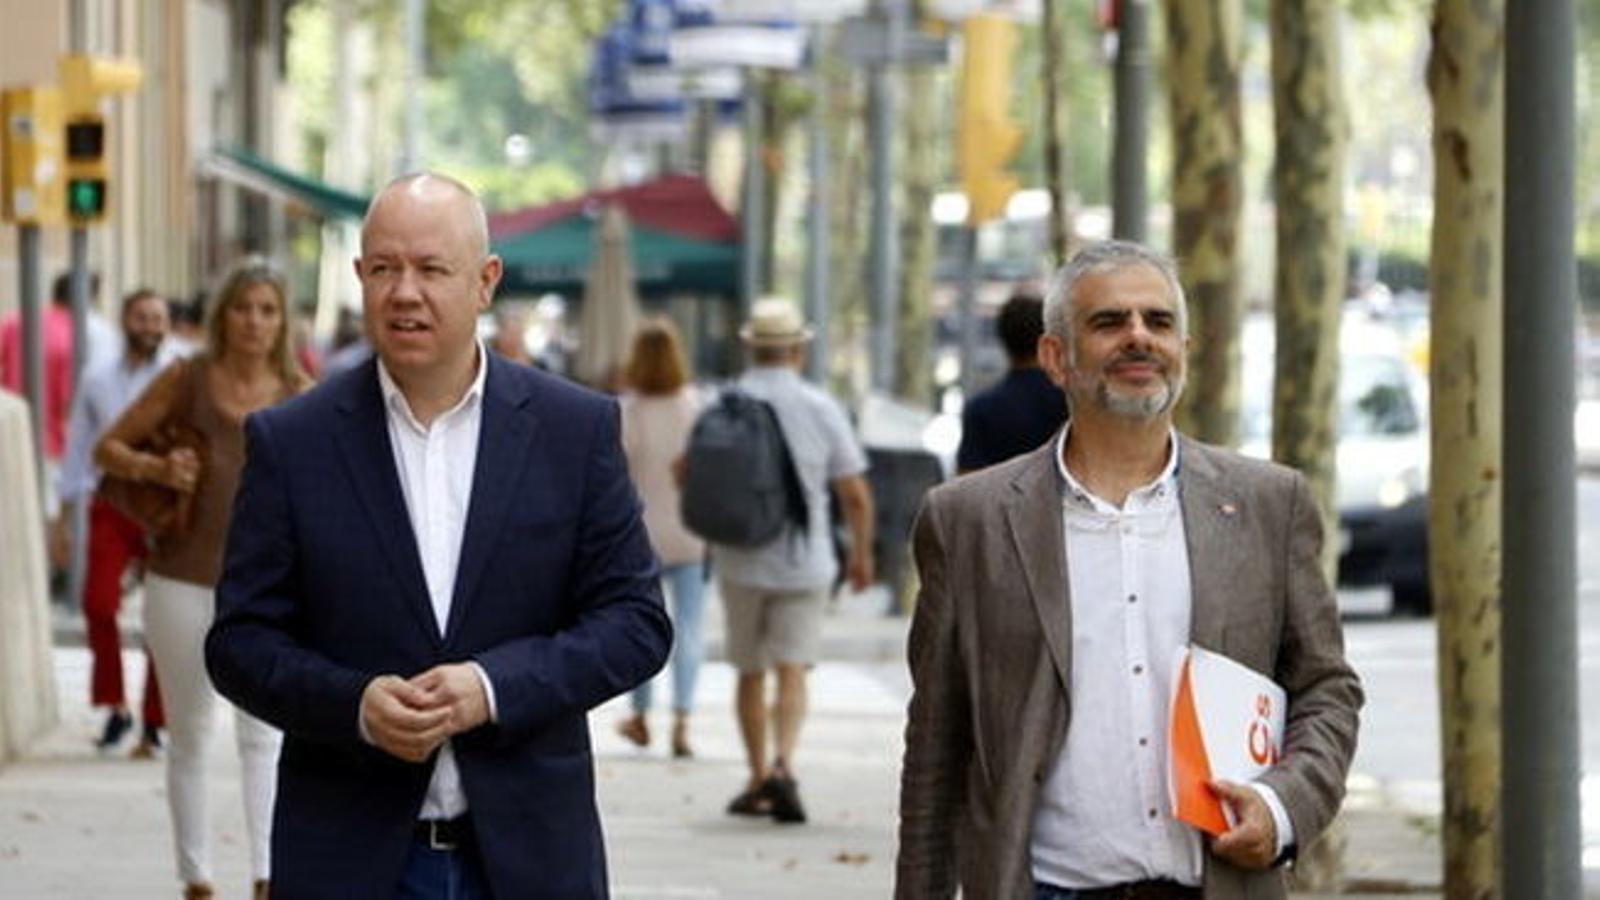 """Cs reclamarà als alcaldes la presència de la bandera espanyola """"a l'interior i l'exterior"""" dels ajuntaments"""